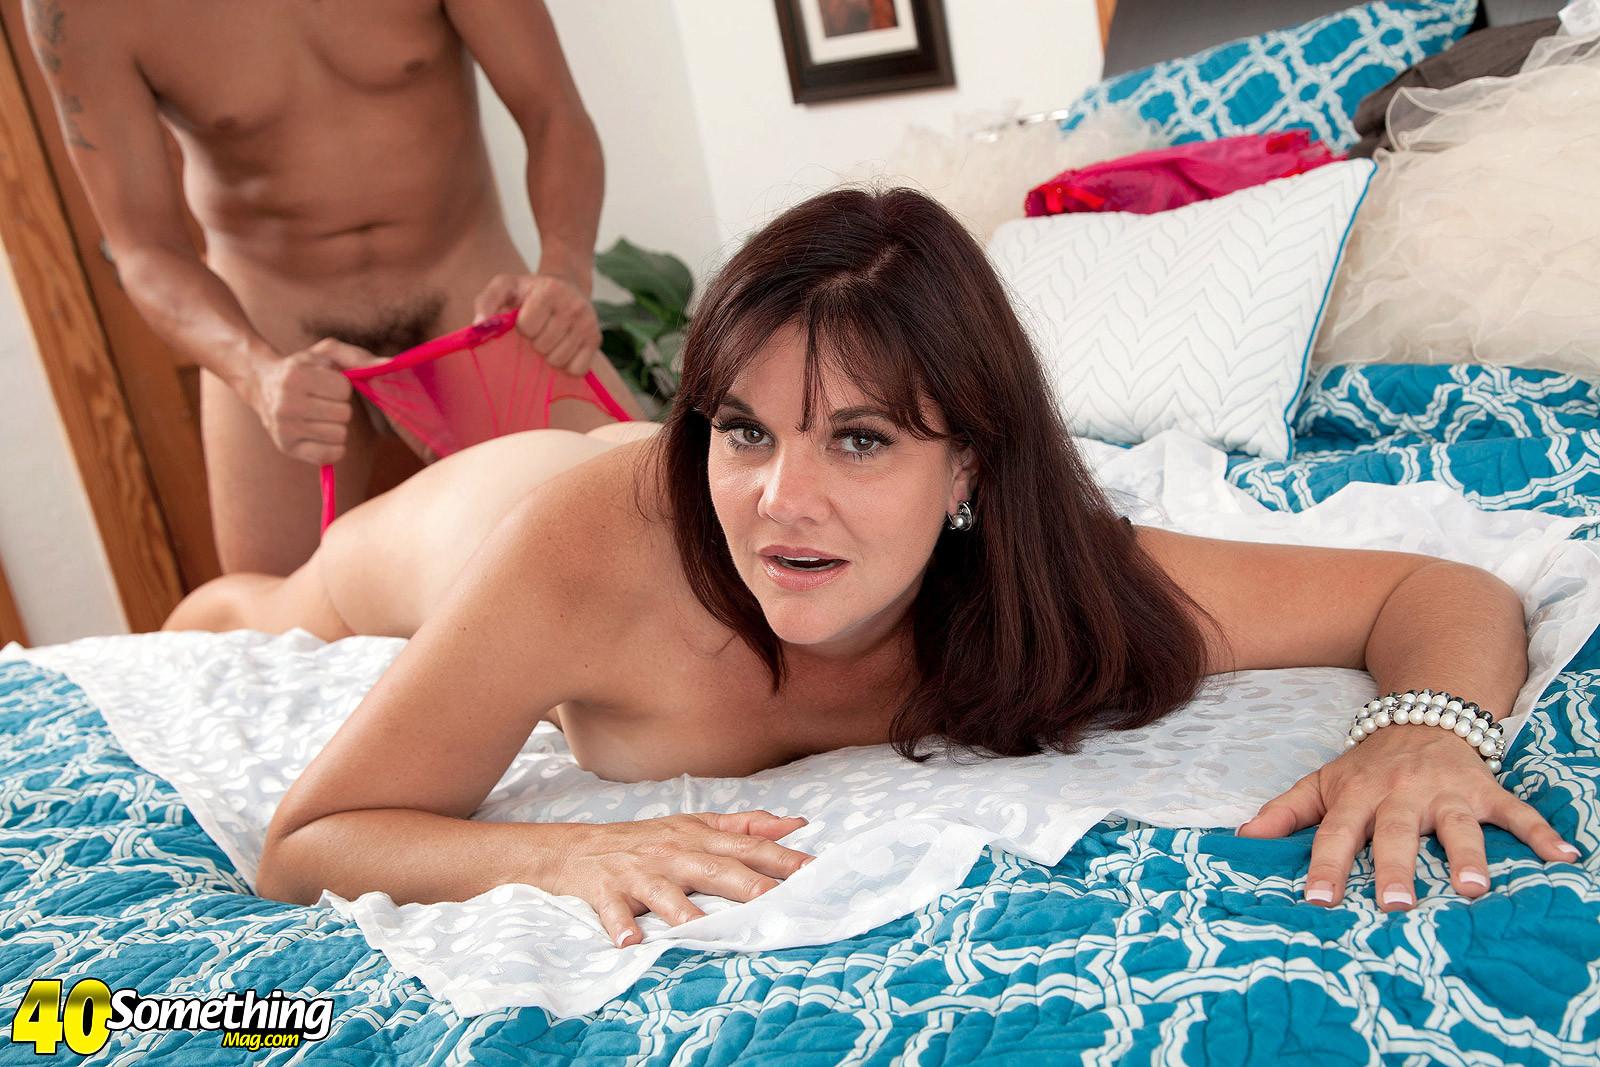 Сорокалетняя Виктория Миллер с легкостью соблазняет мужчину и отдается ему на мягкой кровати